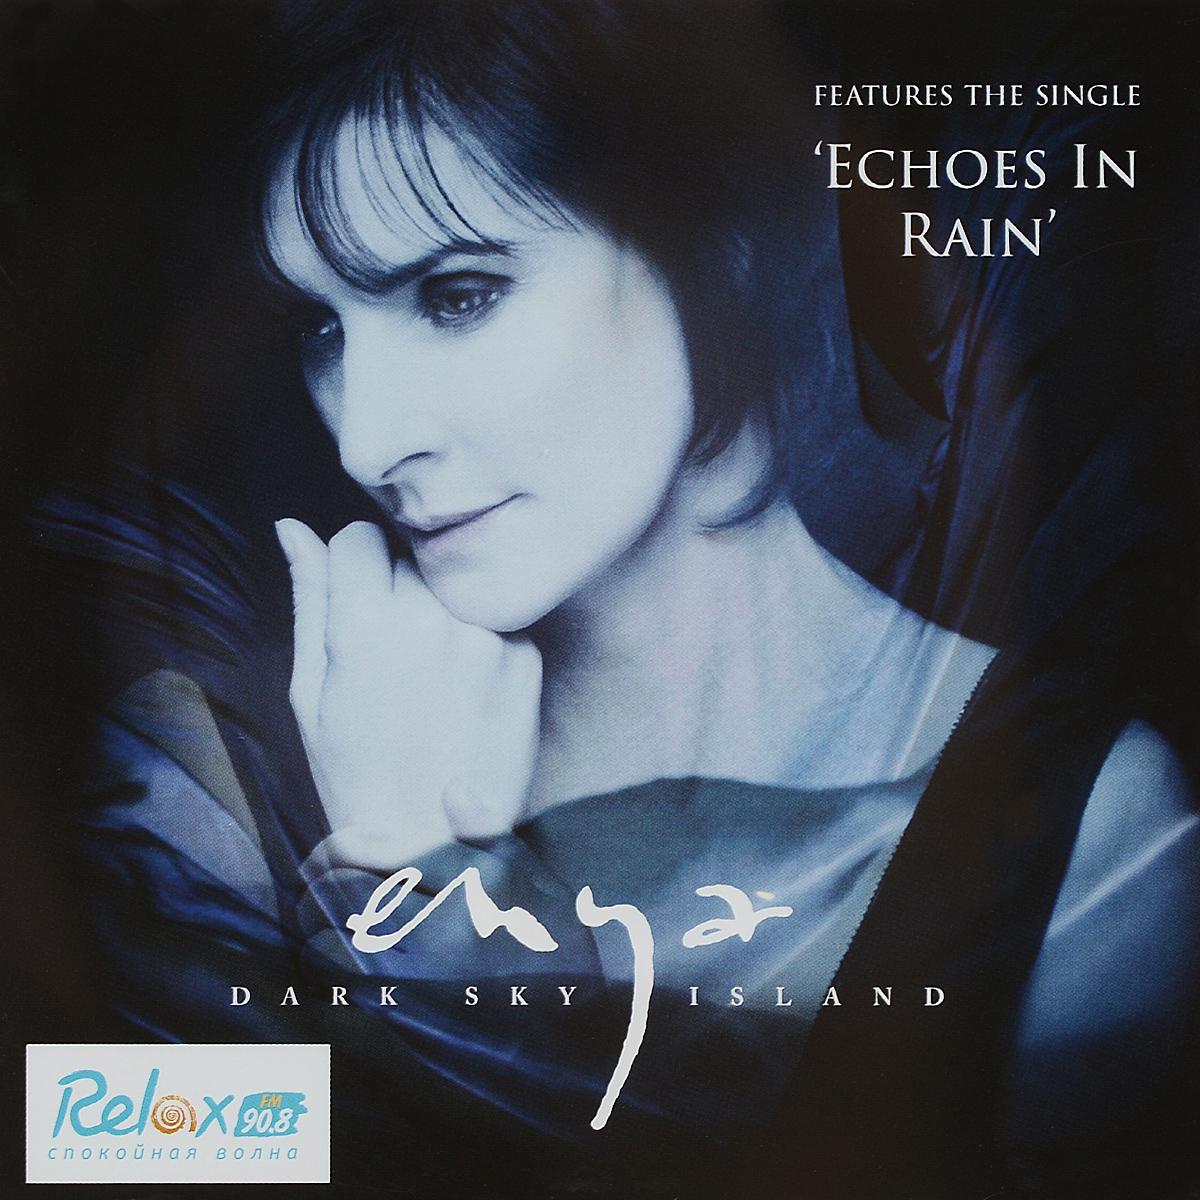 Издание содержит иллюстрированный 16-страничный буклет с фотографиями и текстами песен на английском языке.